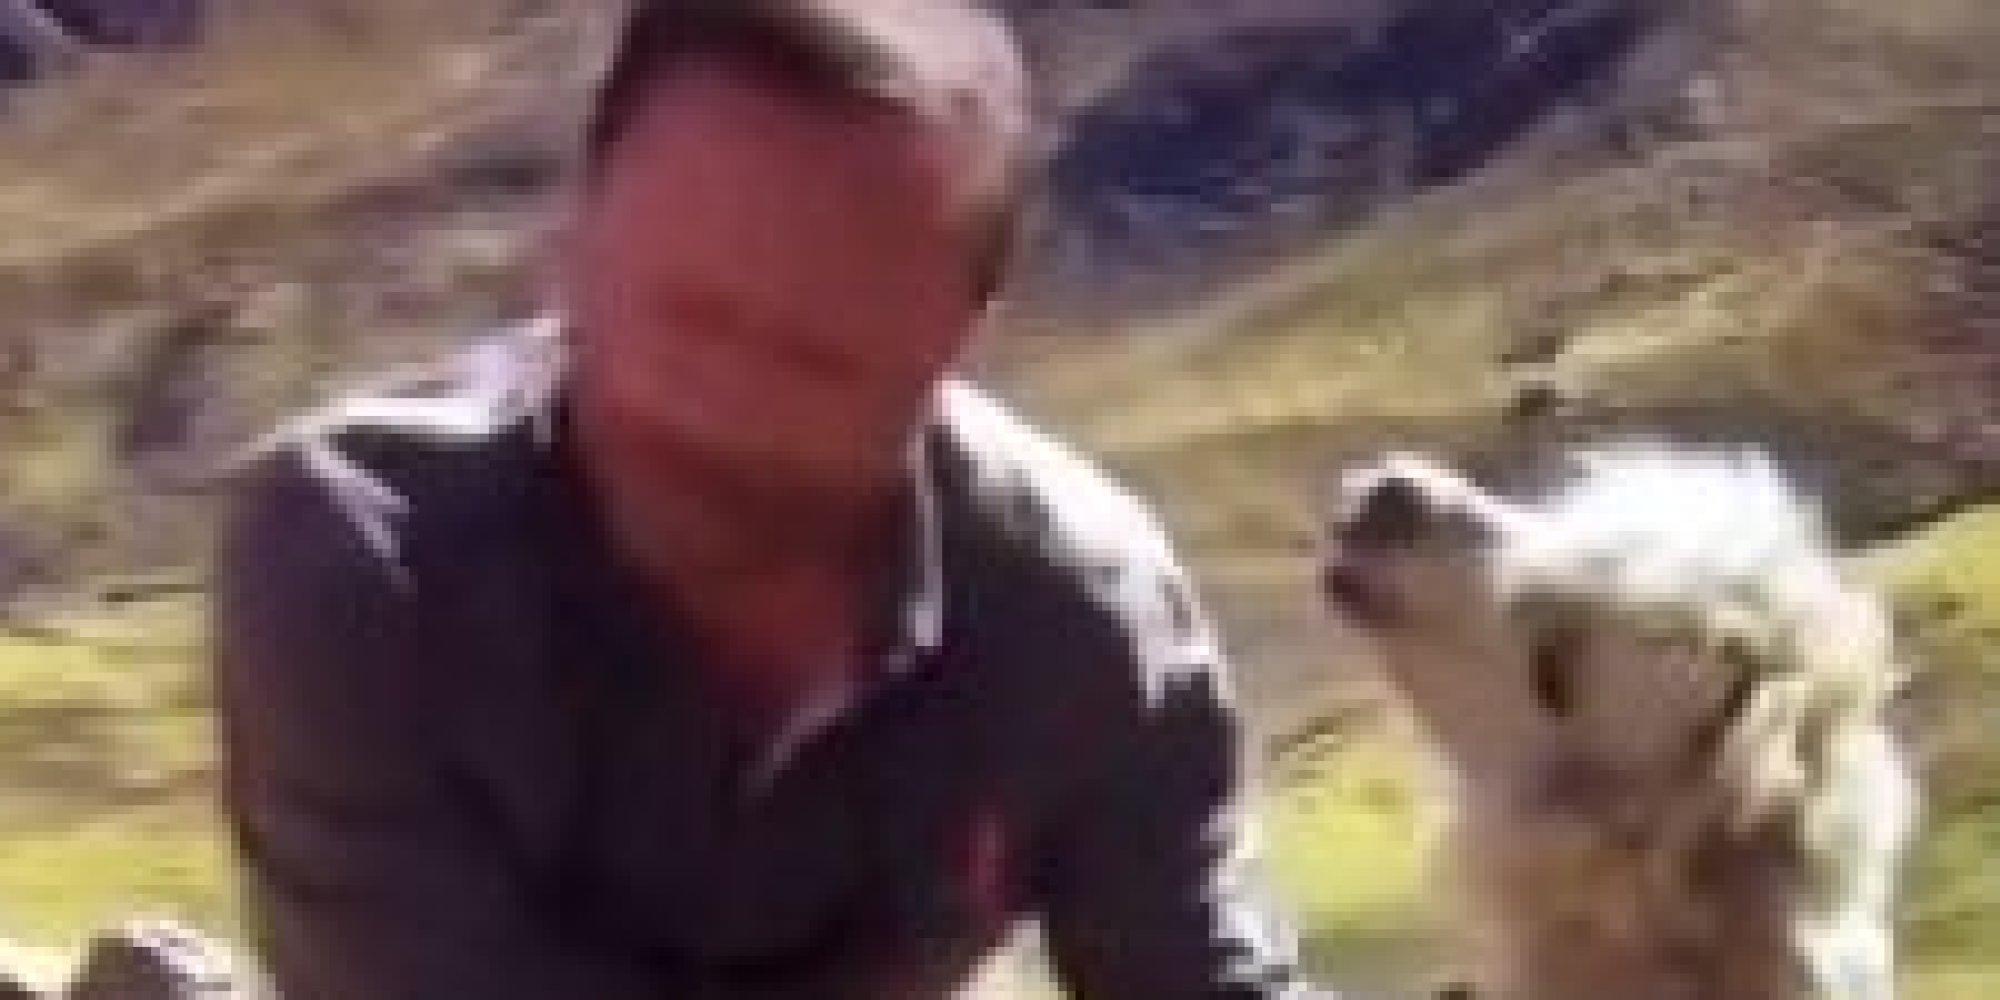 Vid o rendez vous en terre inconnue arthur se fait cracher dessus par un lama - Arthur motorkap rendez vous ...